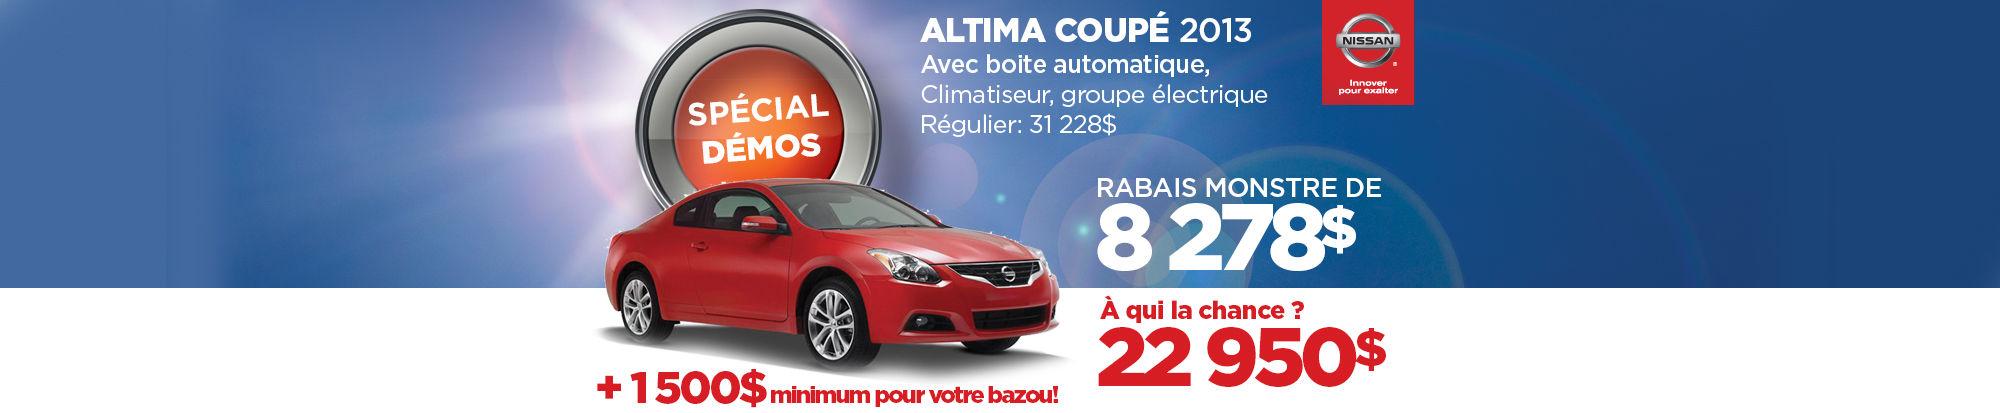 La Nissan Altima